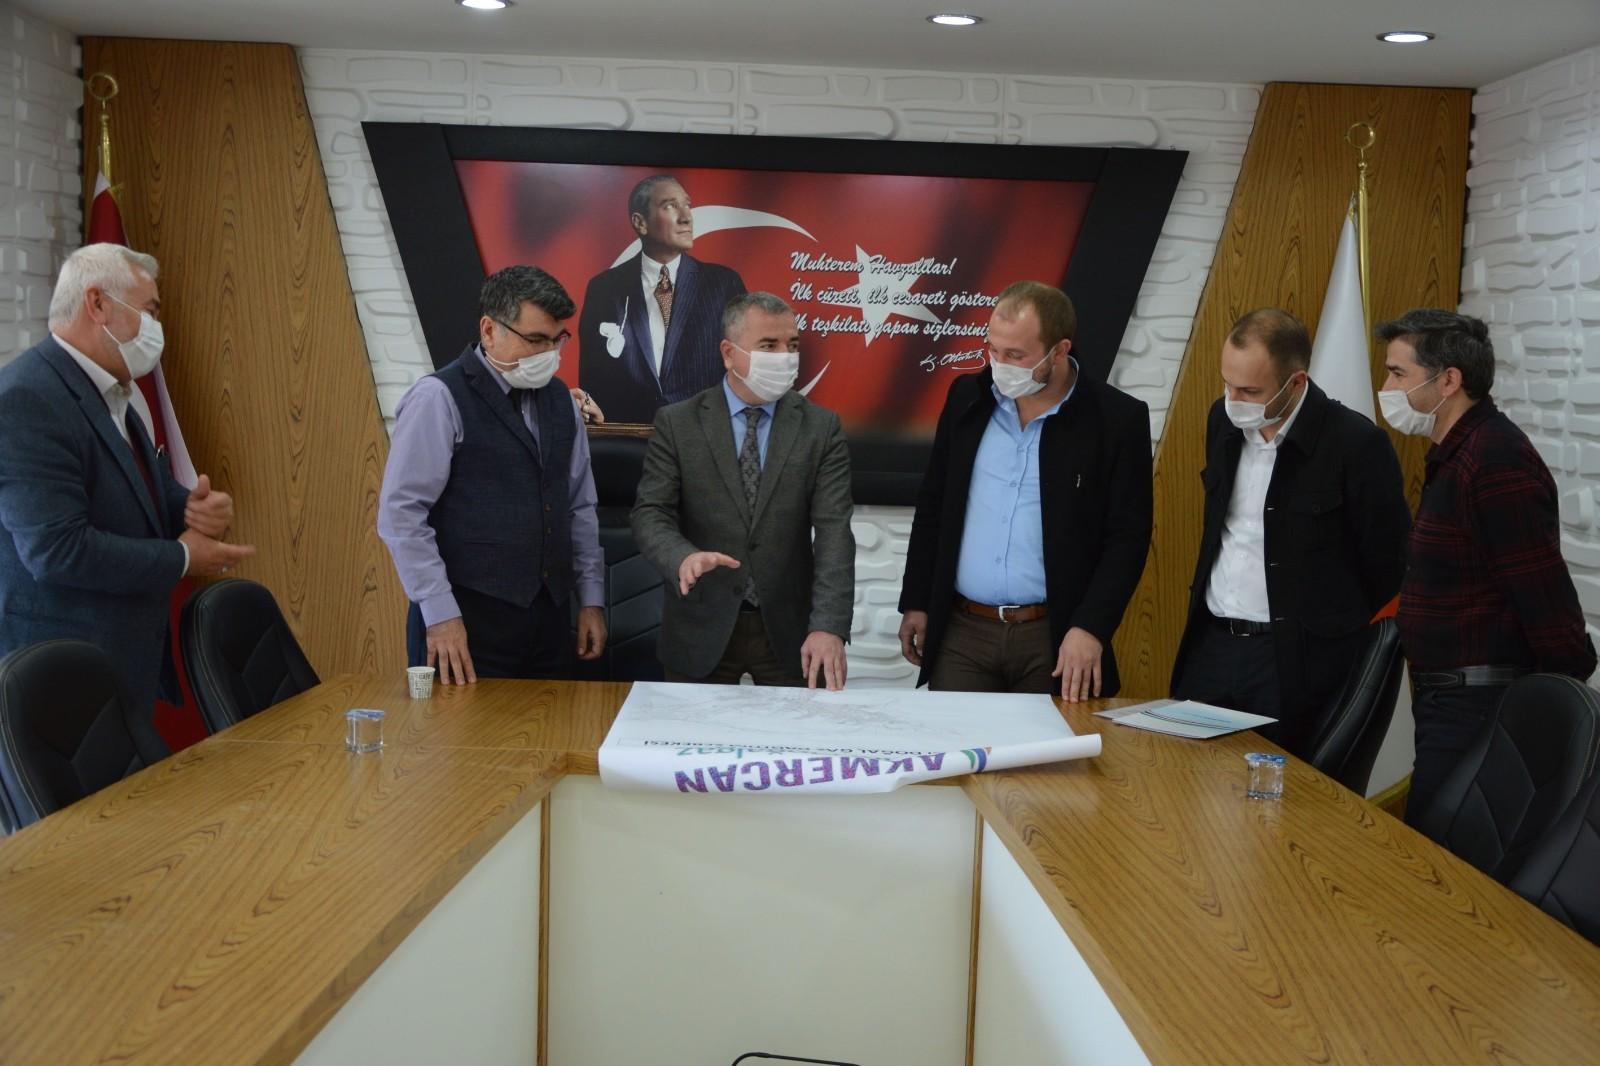 """Başkan Özdemir: """"Çalışma planlarımızda halkımızın taleplerini ön planda tutmaktayız"""